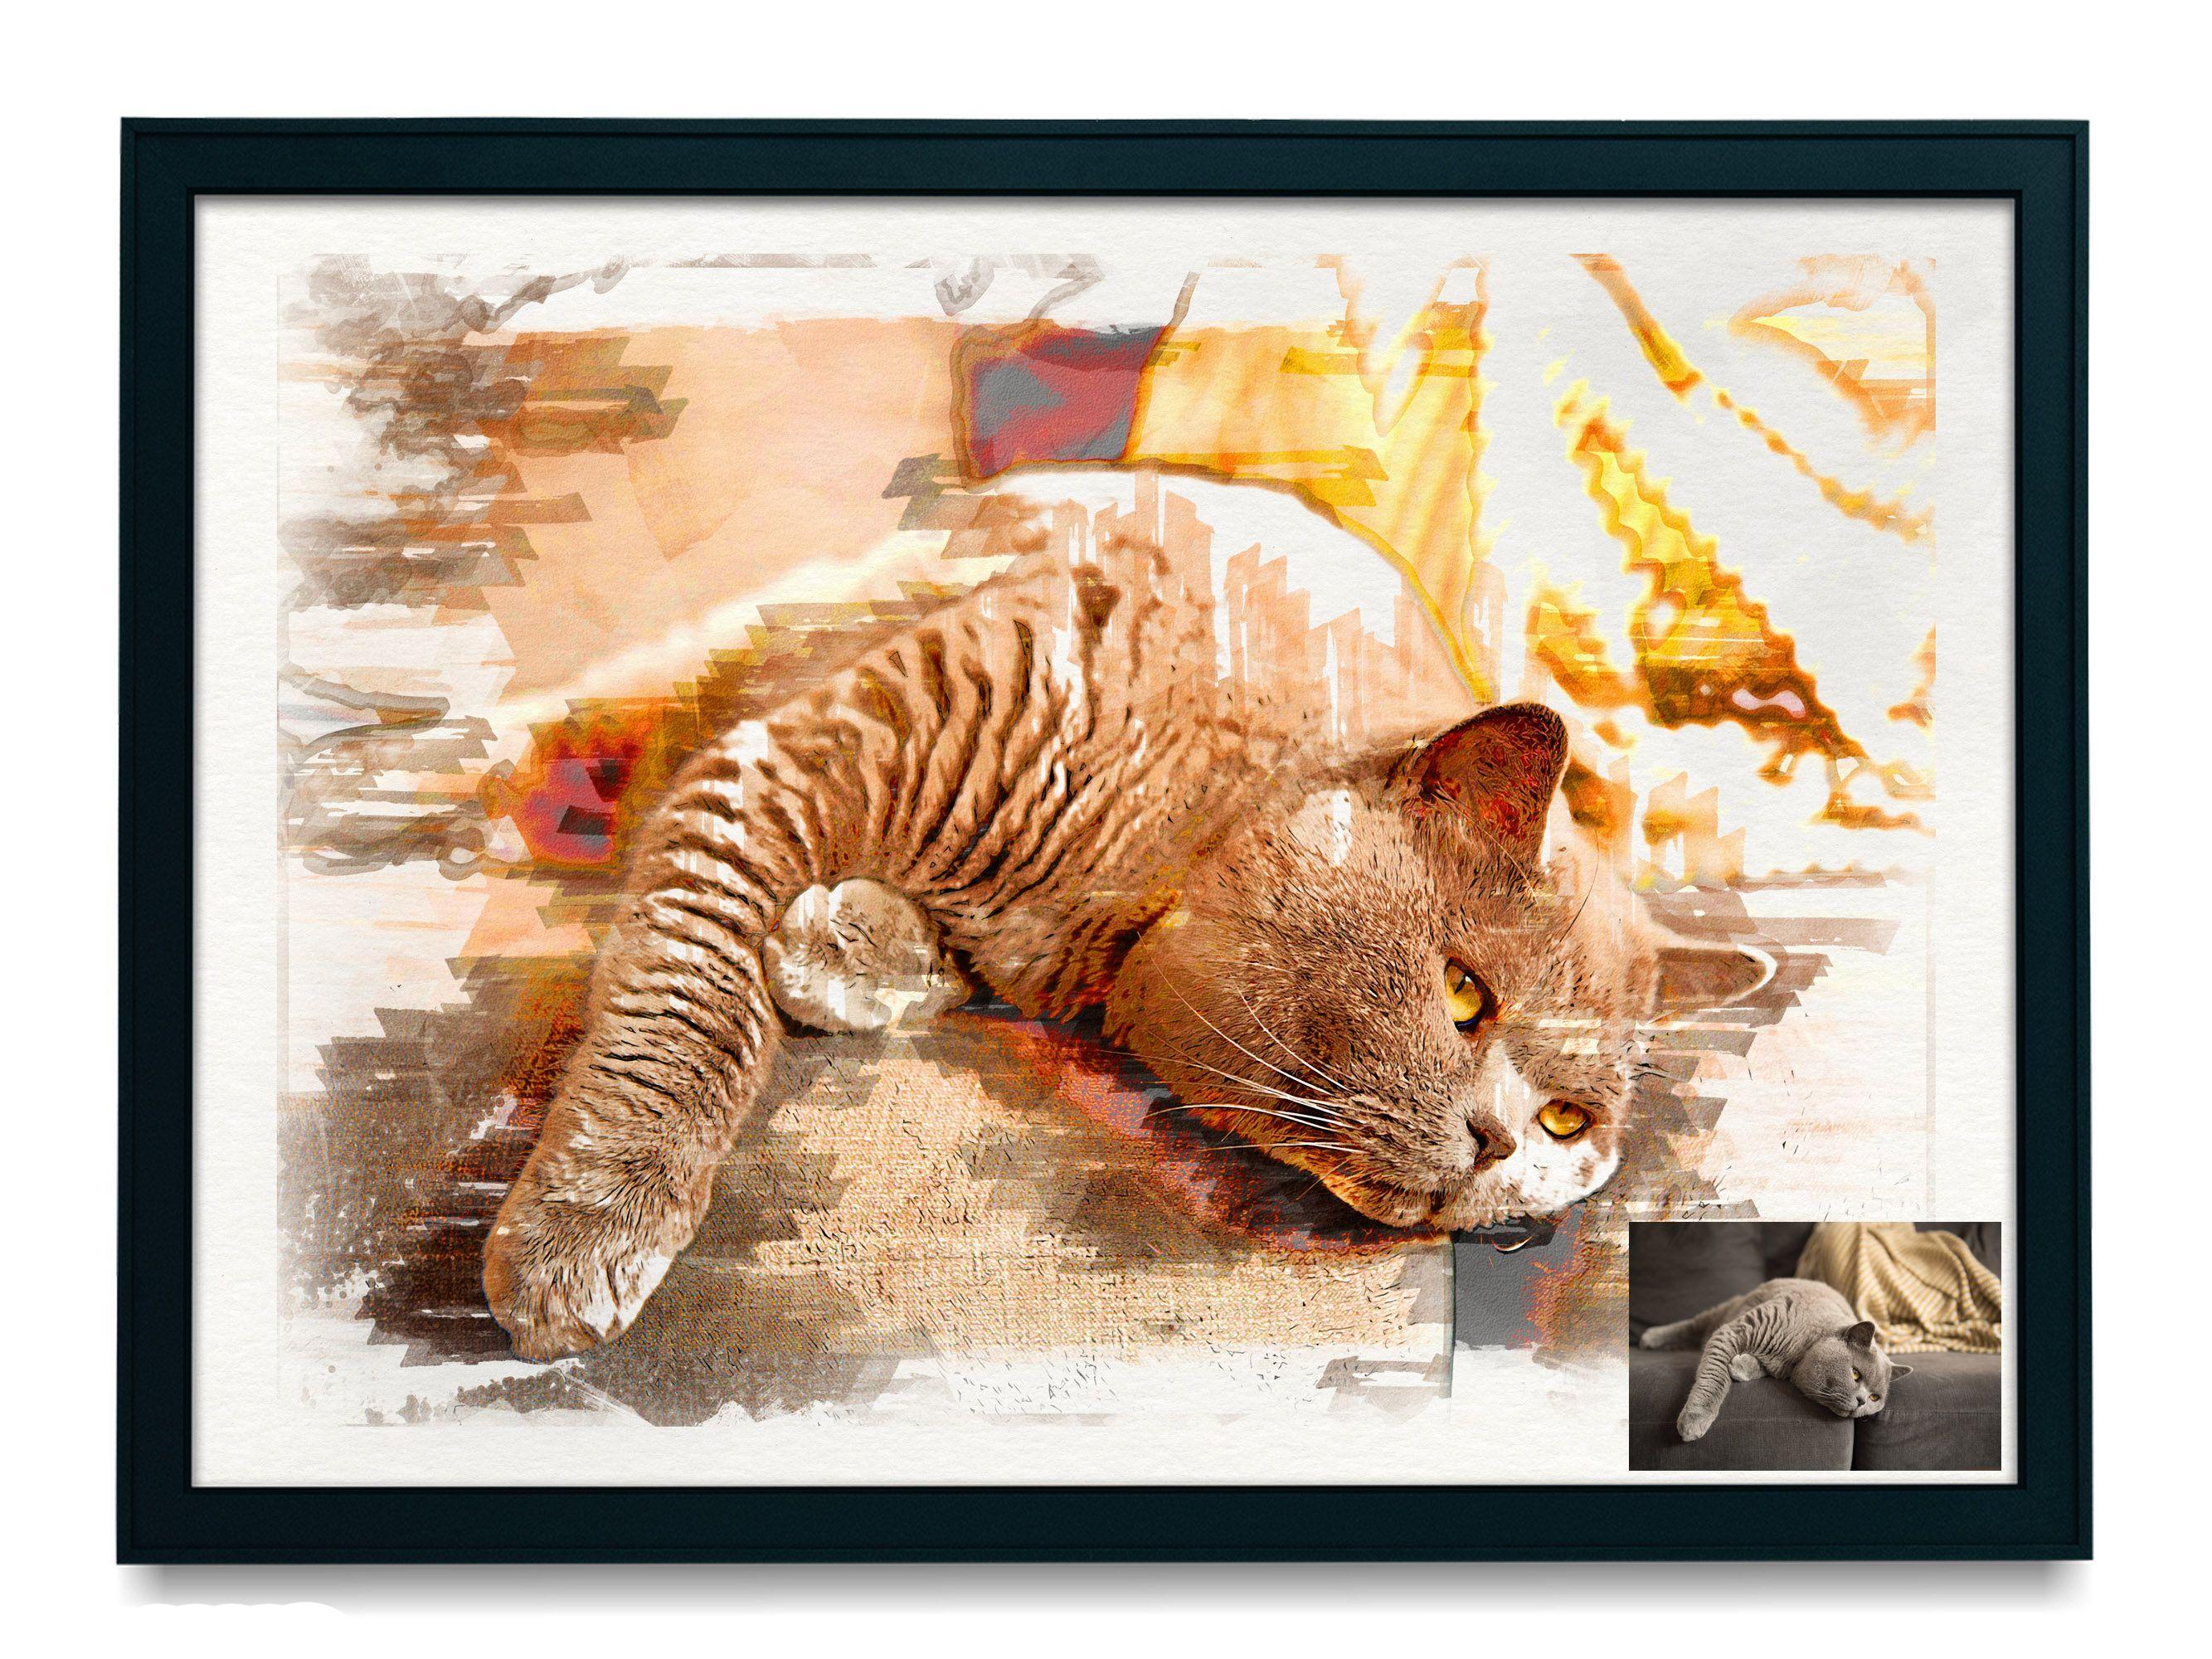 TIGER VINTAGE PRINT A4A3 FramedUnframed Antique Animal